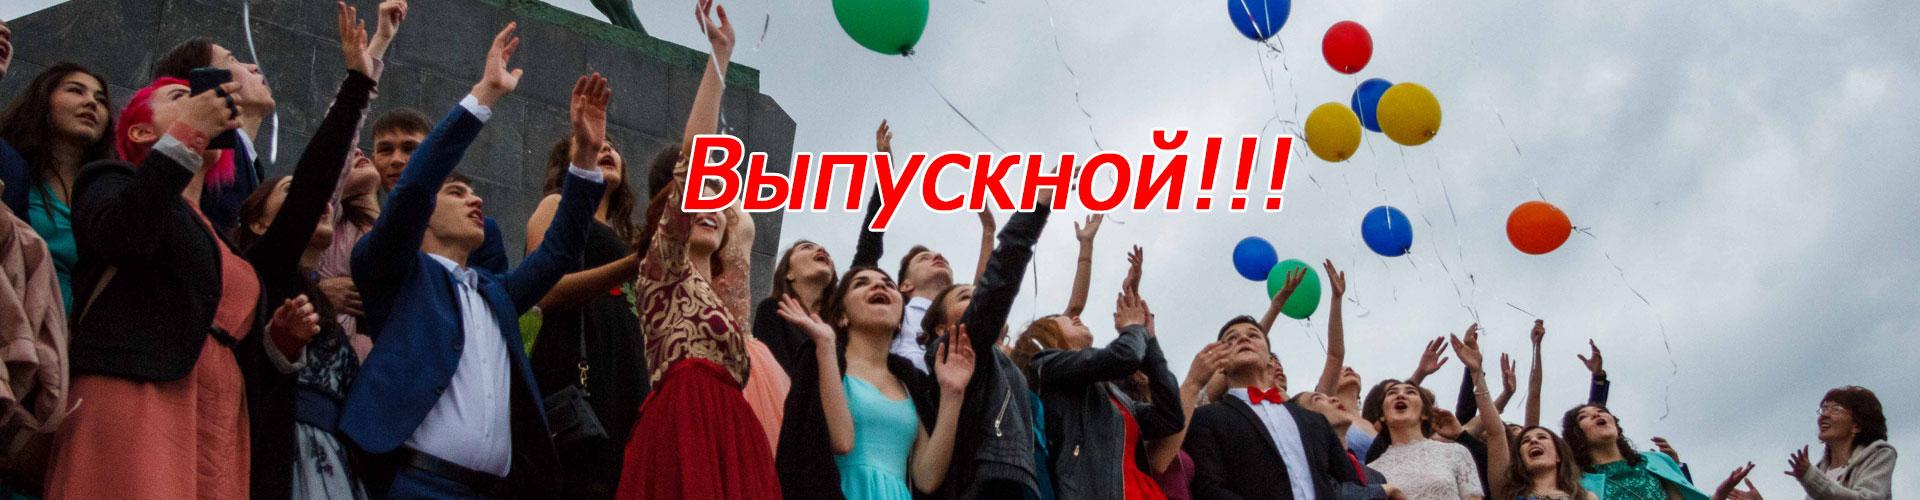 vipusknoi_big_main_banner